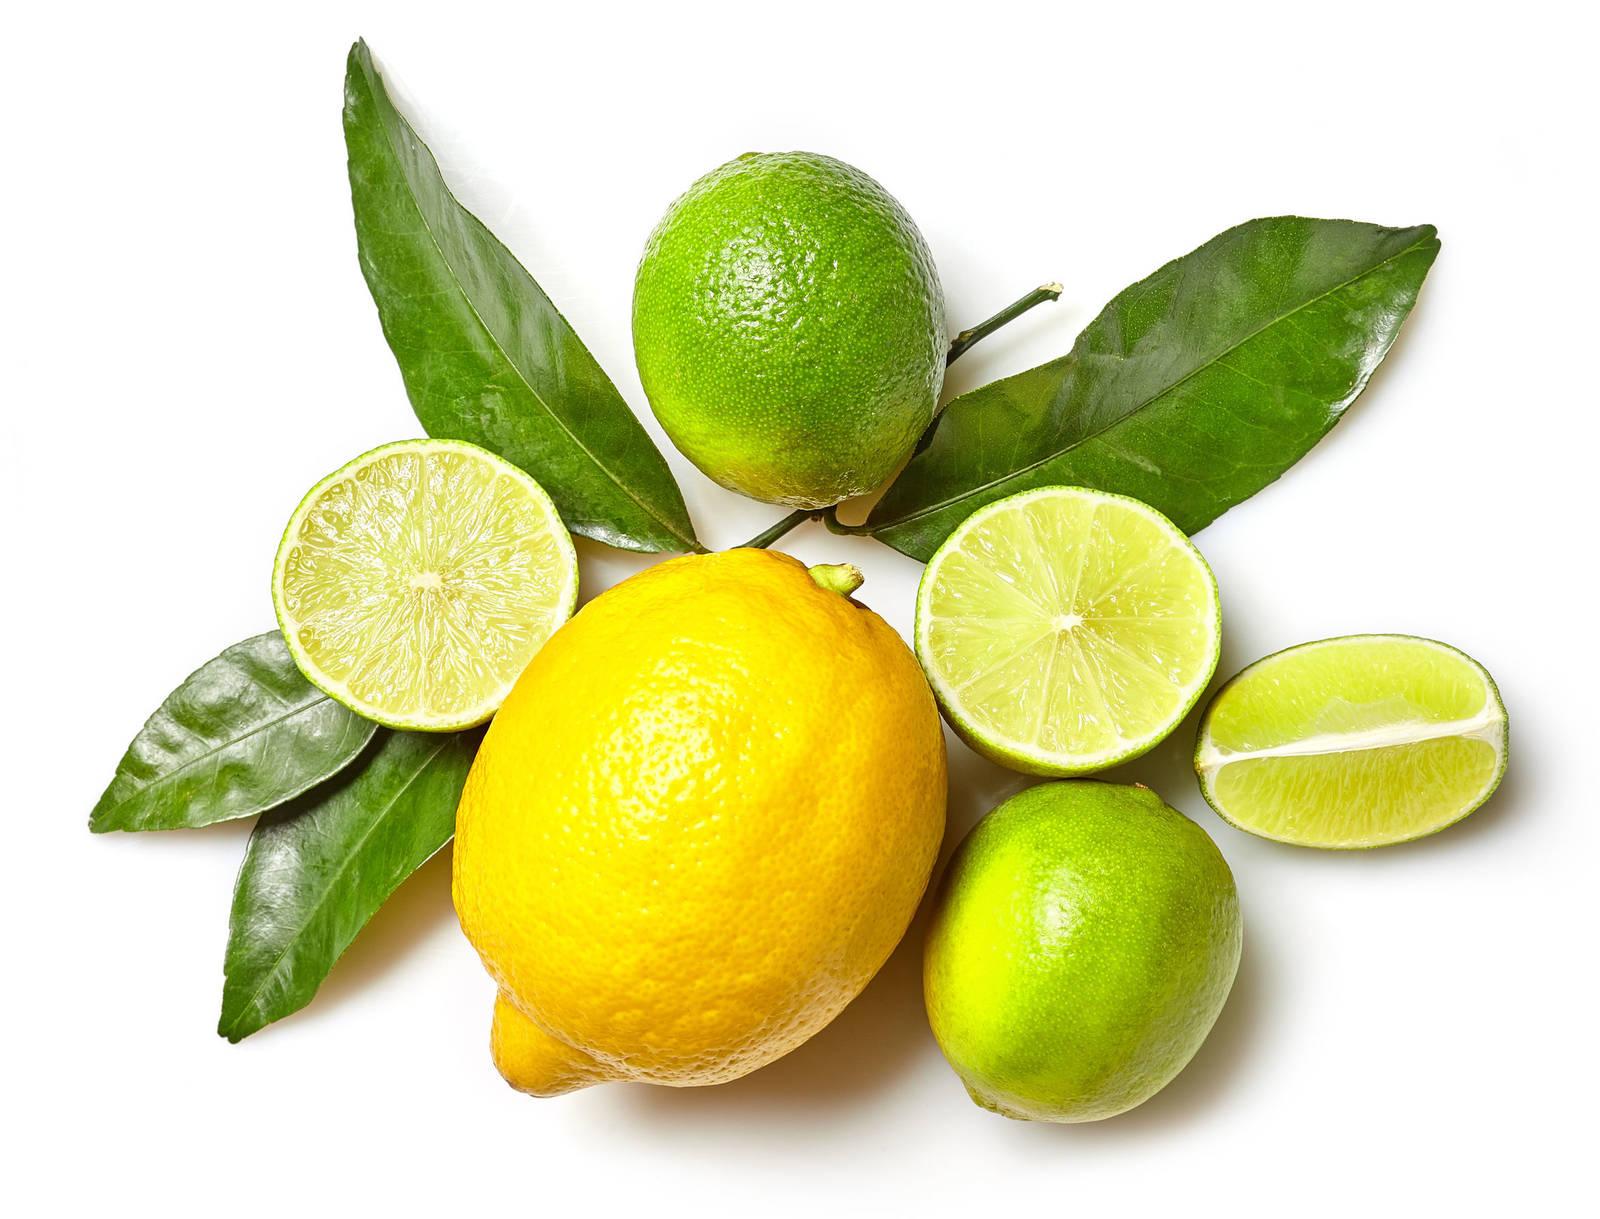 檸檬--蔬果也見證焦桐的愛情。如今妻子已逝,象徵妻子深情的那一杯蔬果汁,清甜的滋味一直留在焦桐心中。